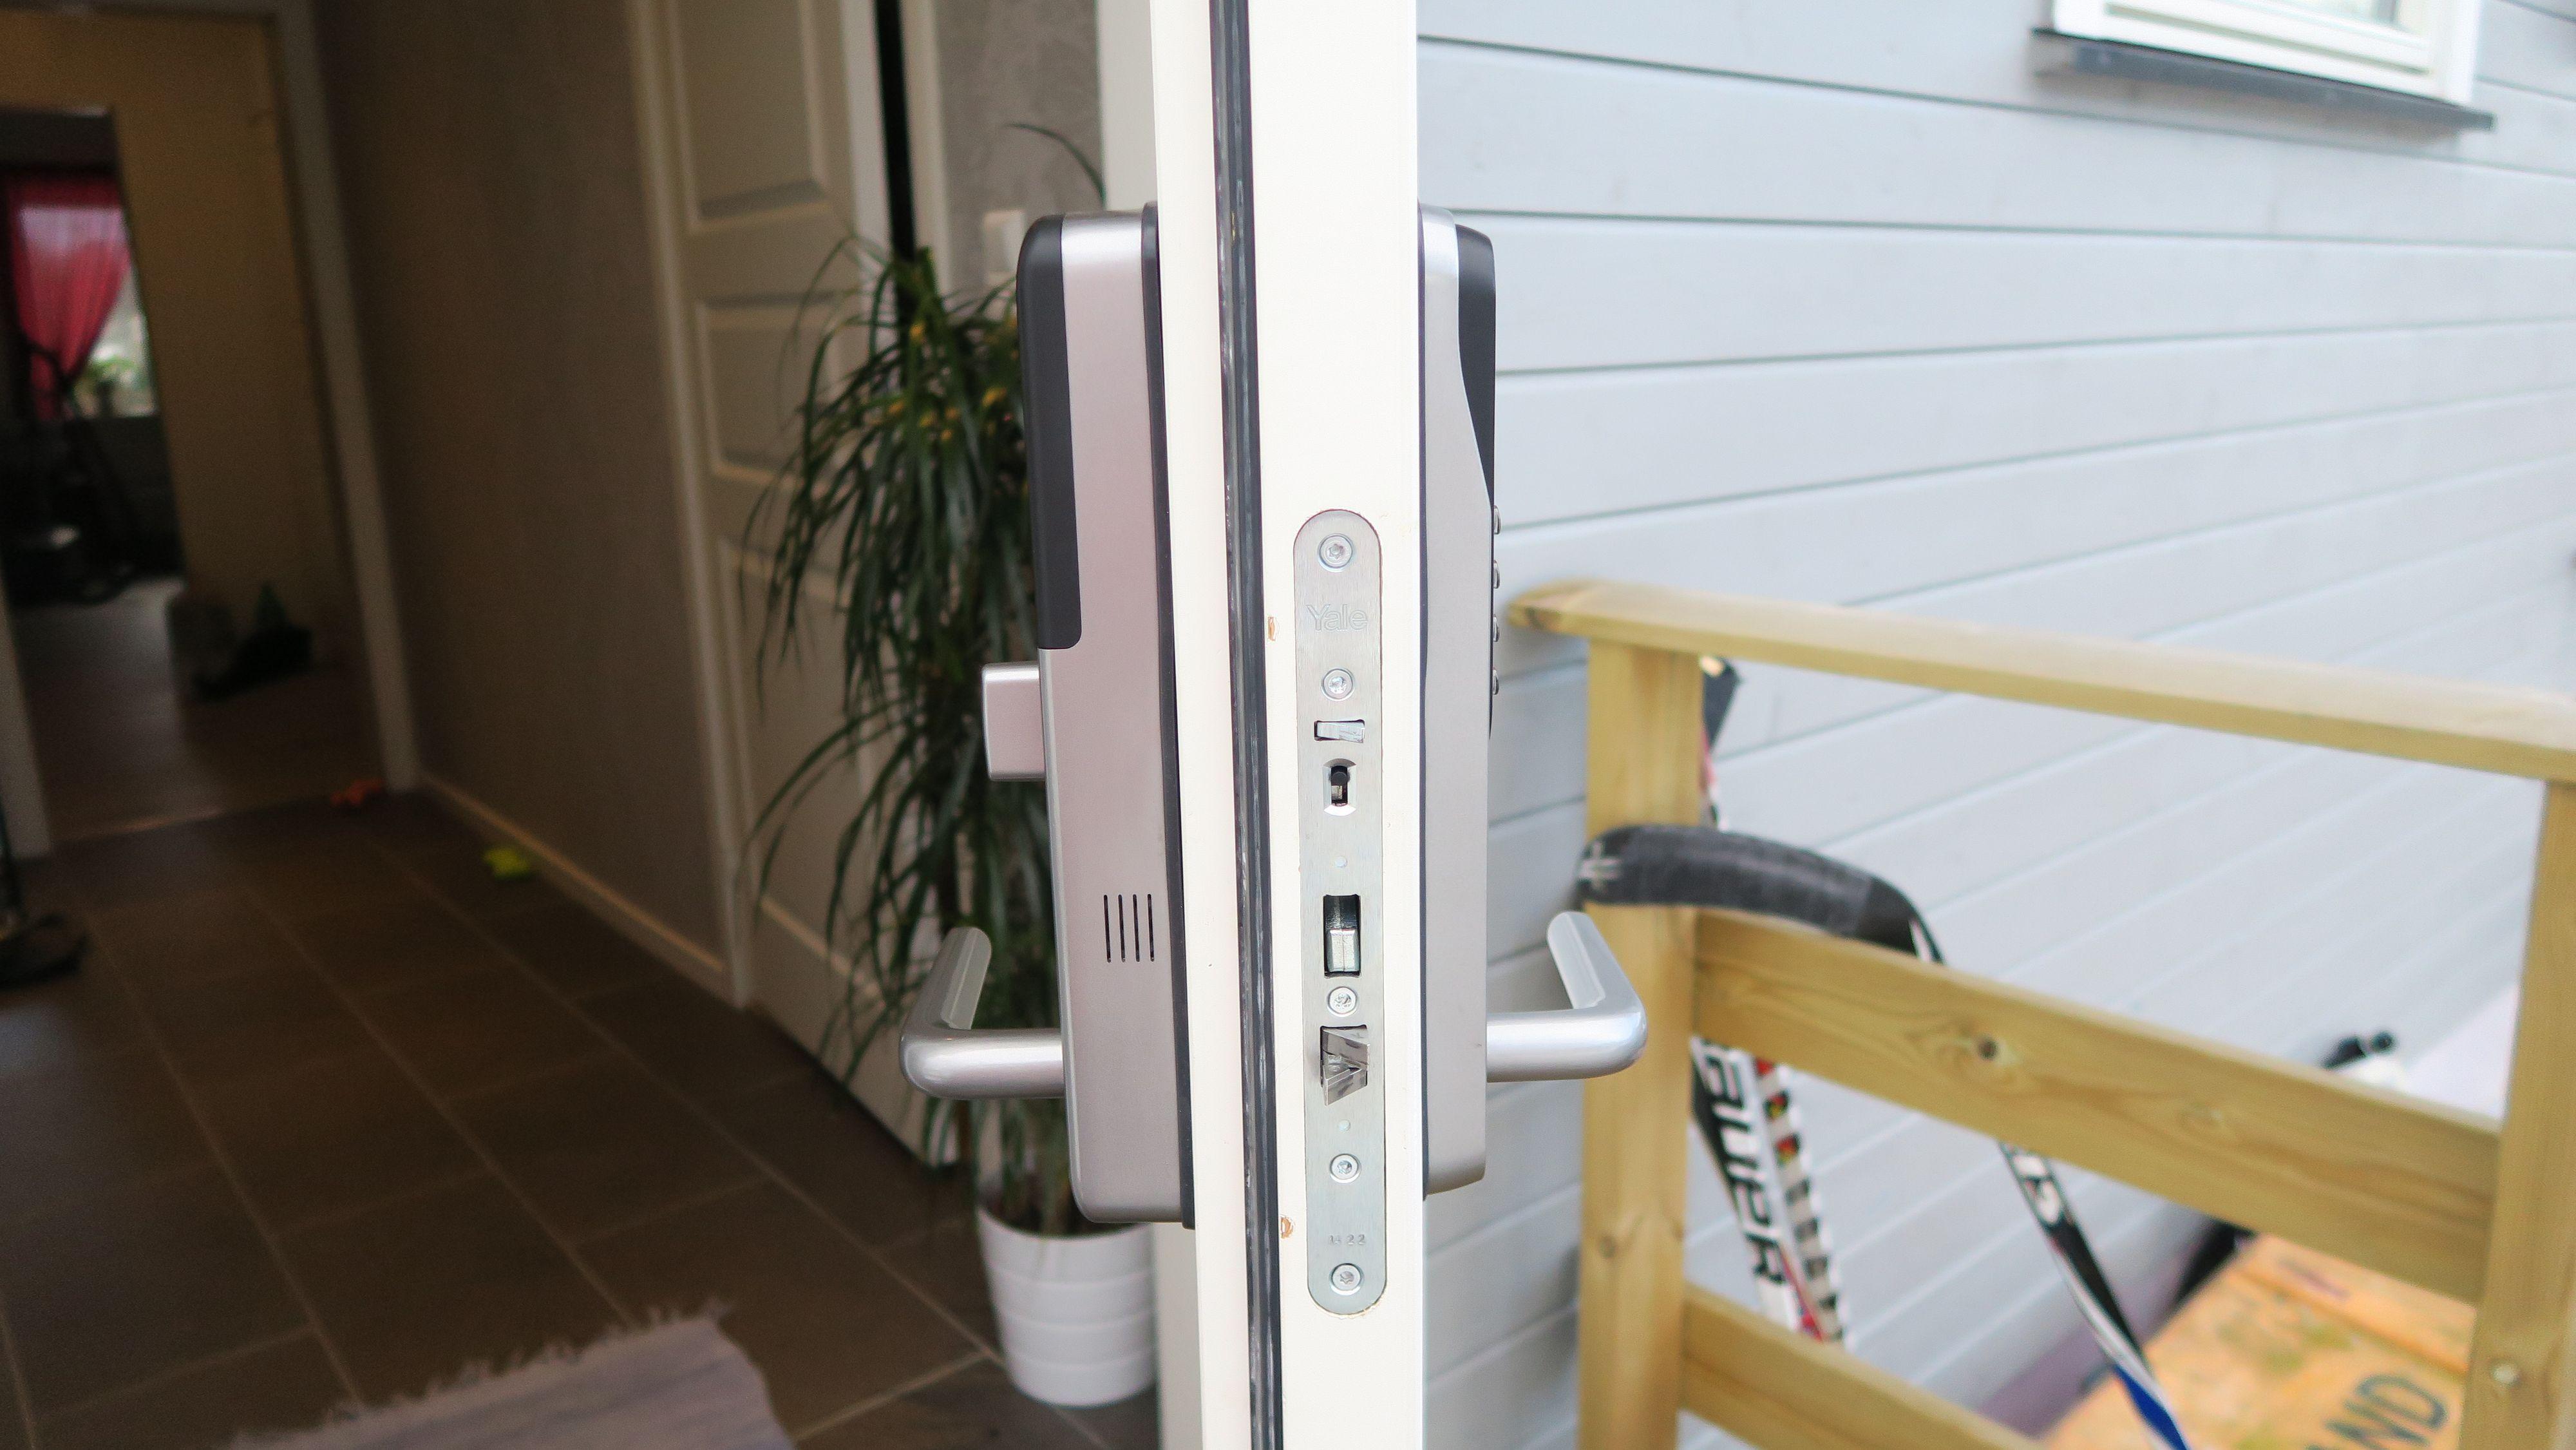 Låsen bygger noe mer enn vanlige låser. Foto: Ole Henrik Johansen / Tek.no